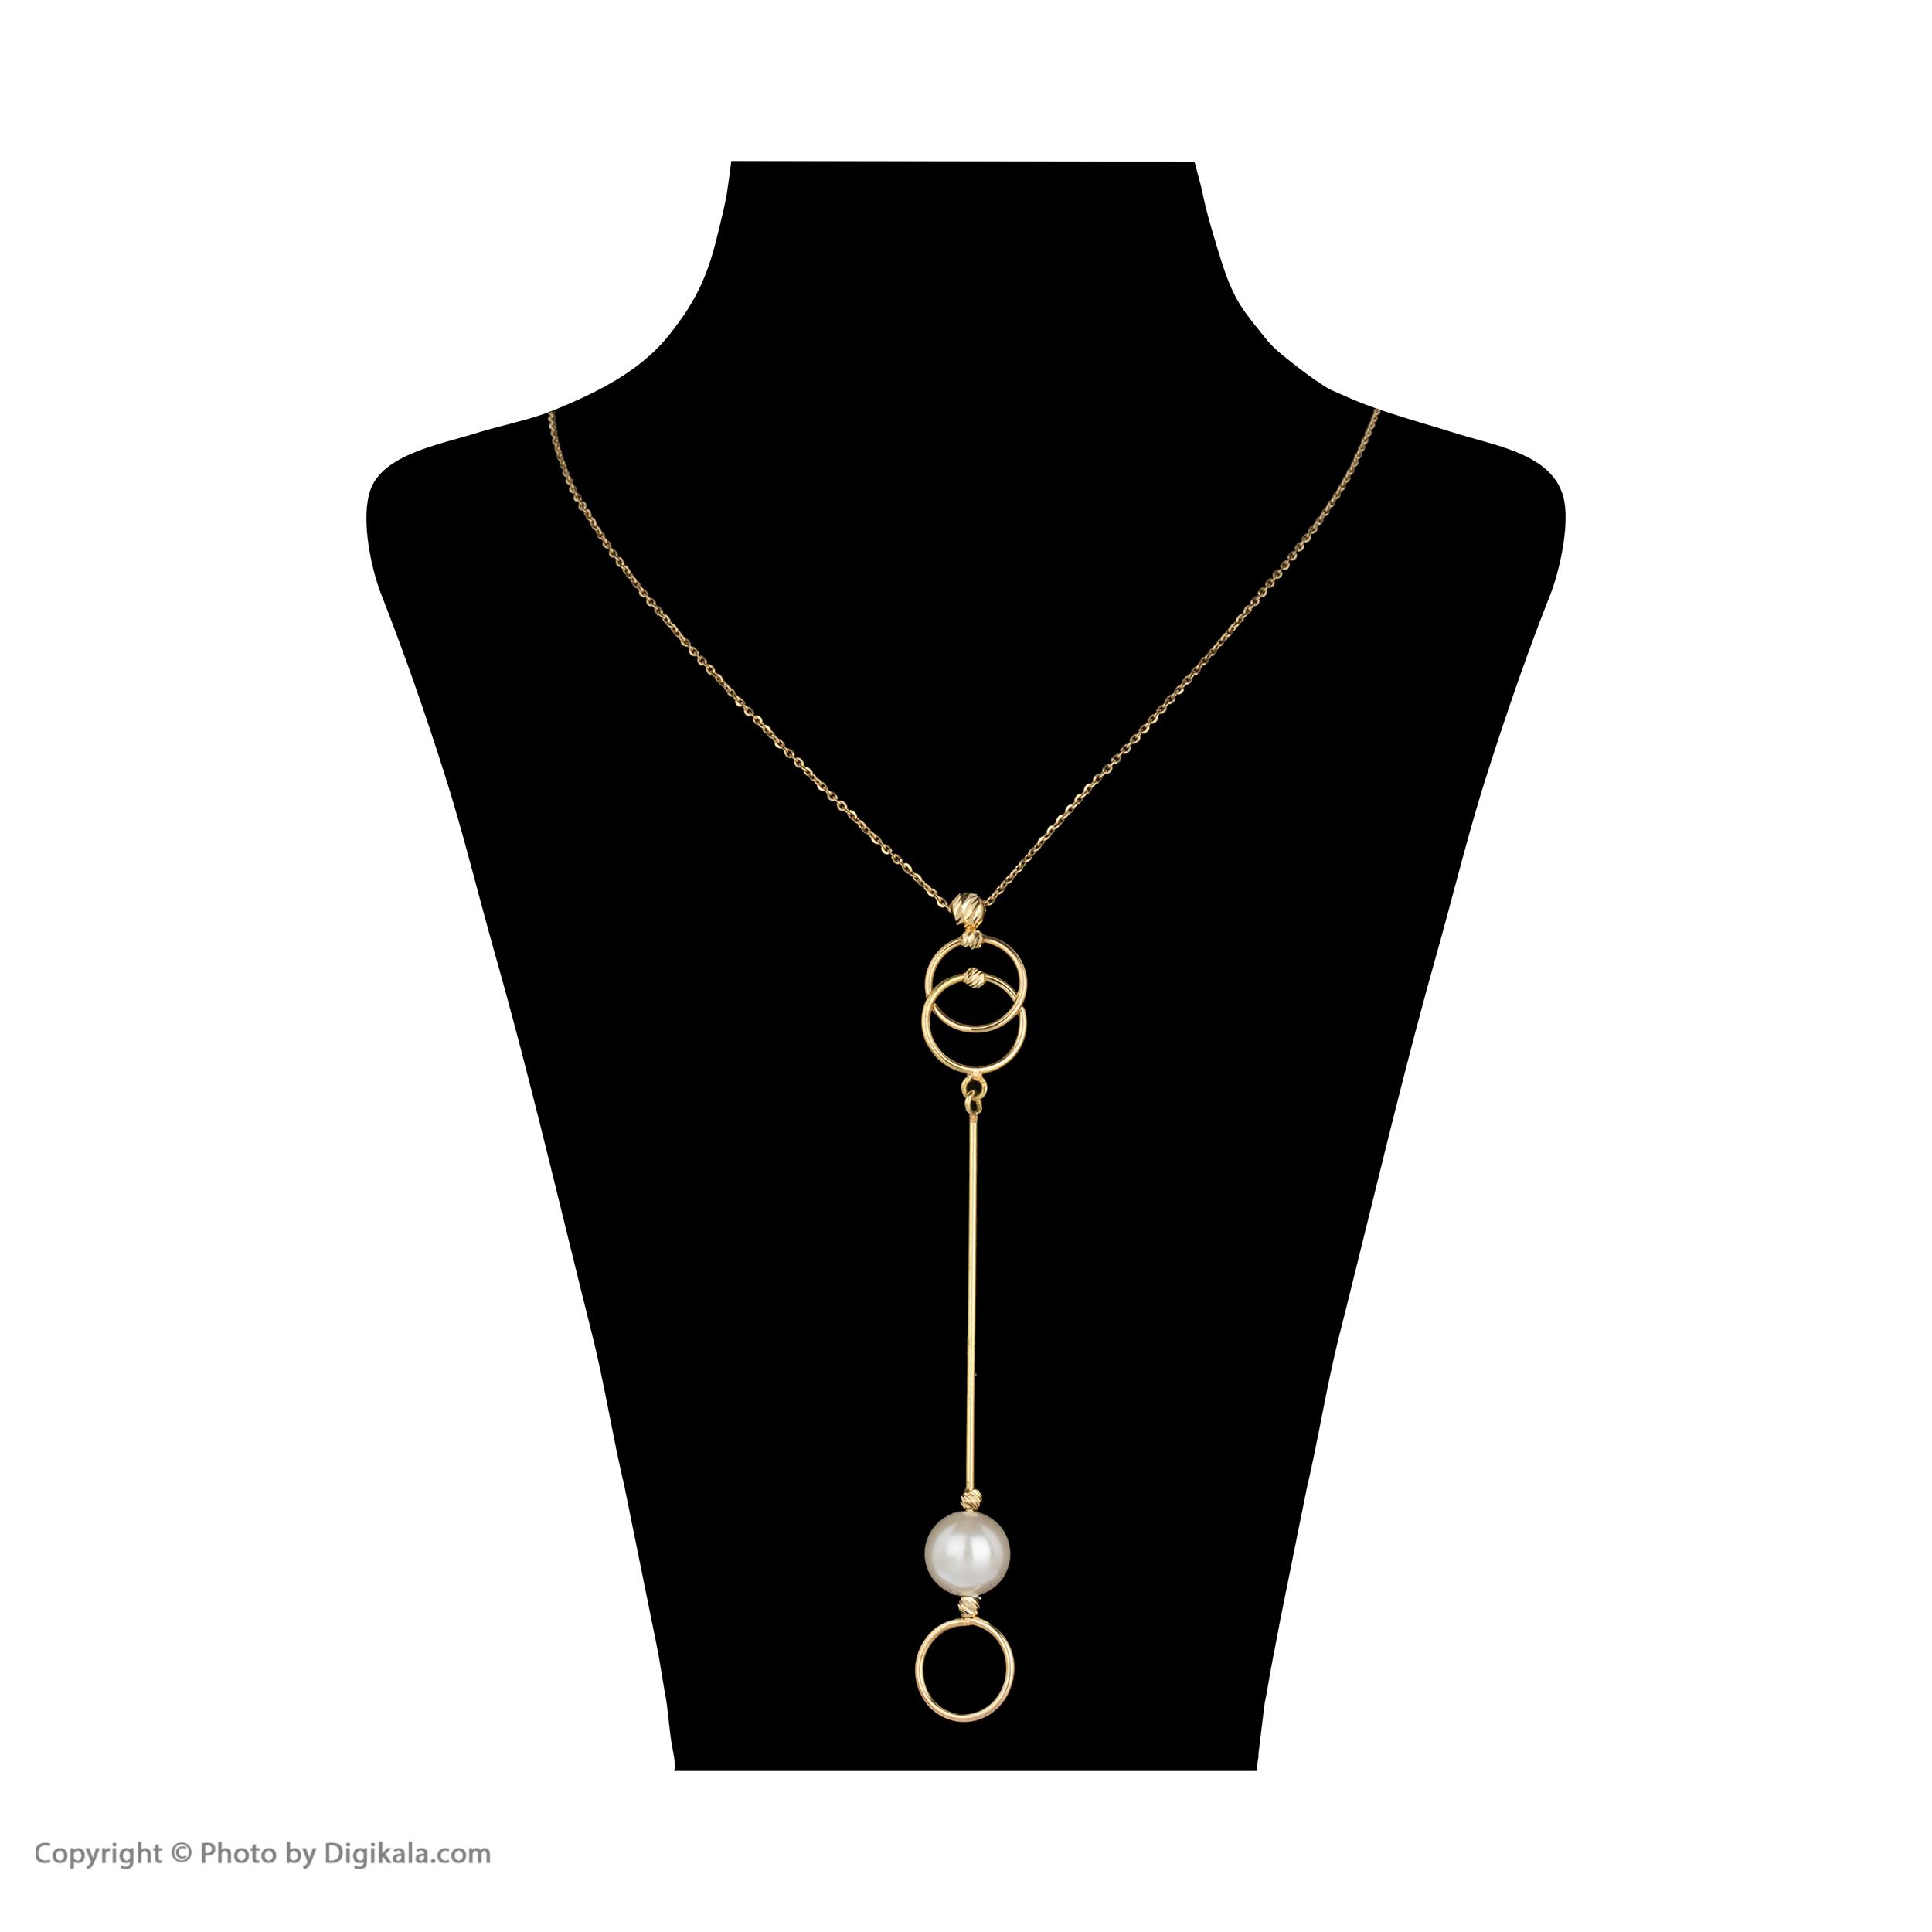 گردنبند طلا 18 عیار زنانه سیودو مدل 147025 -  - 3